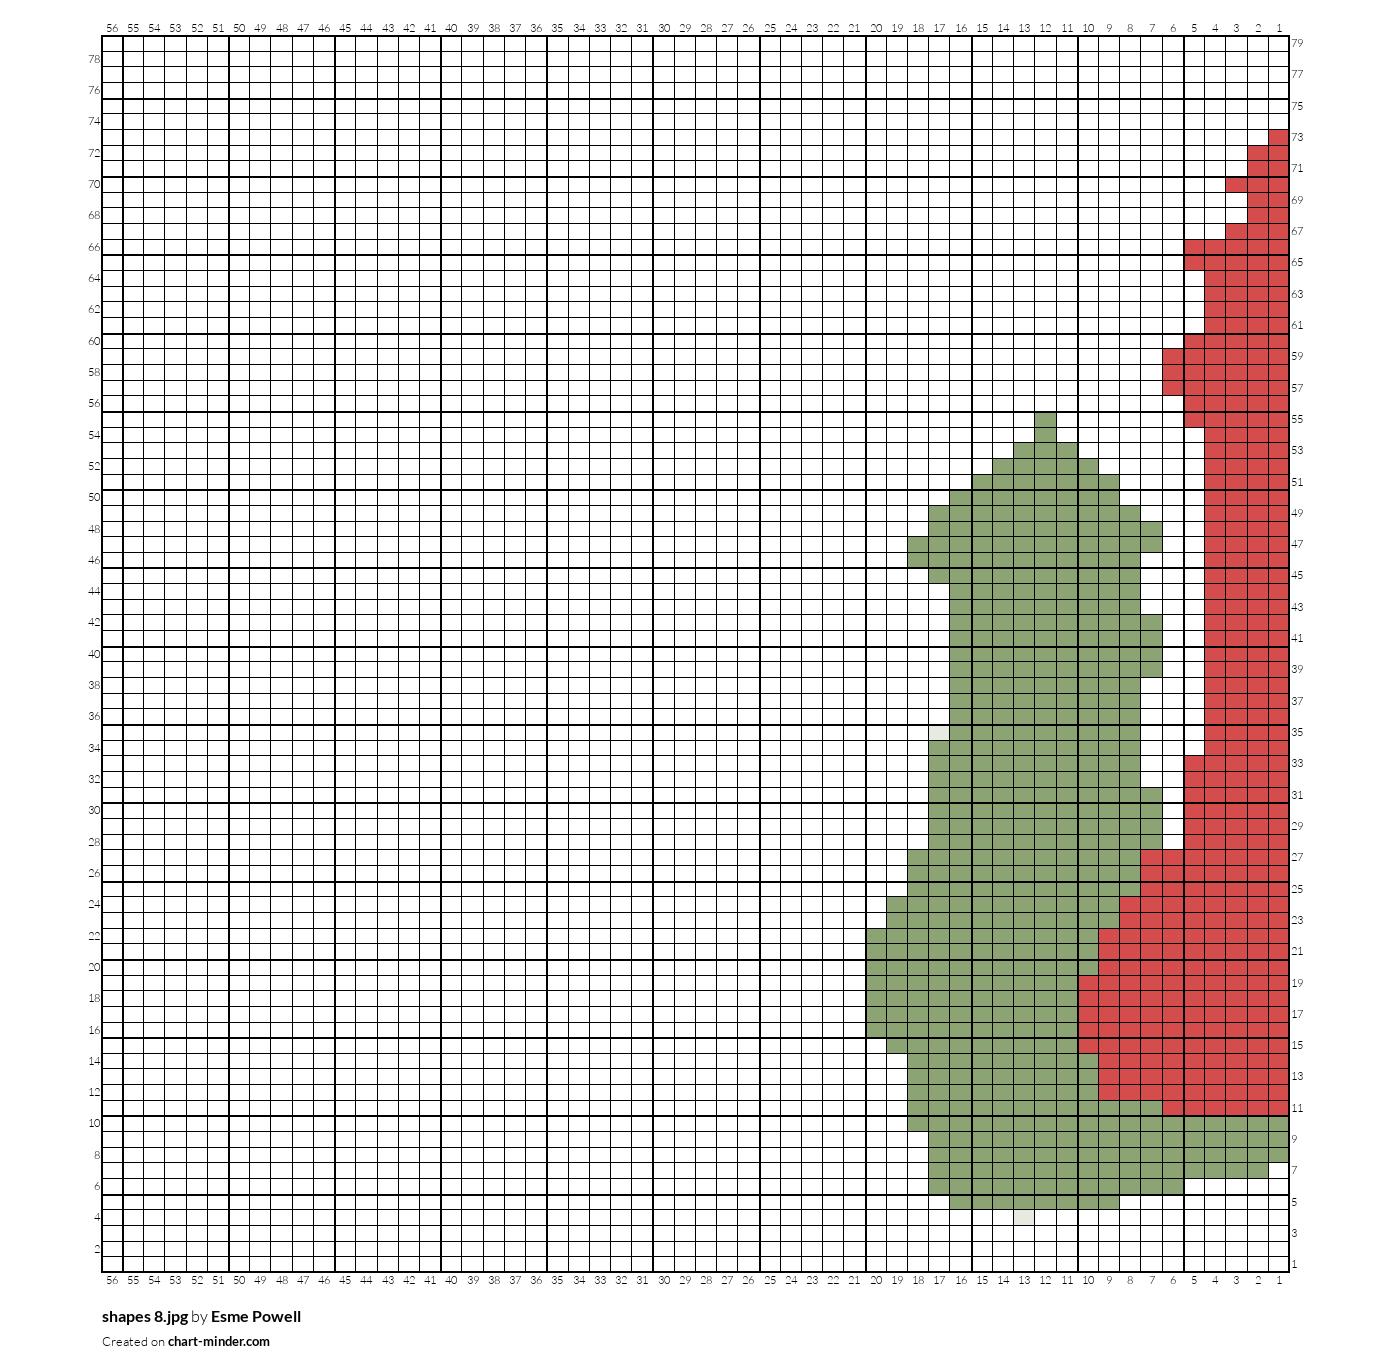 shapes 8.jpg